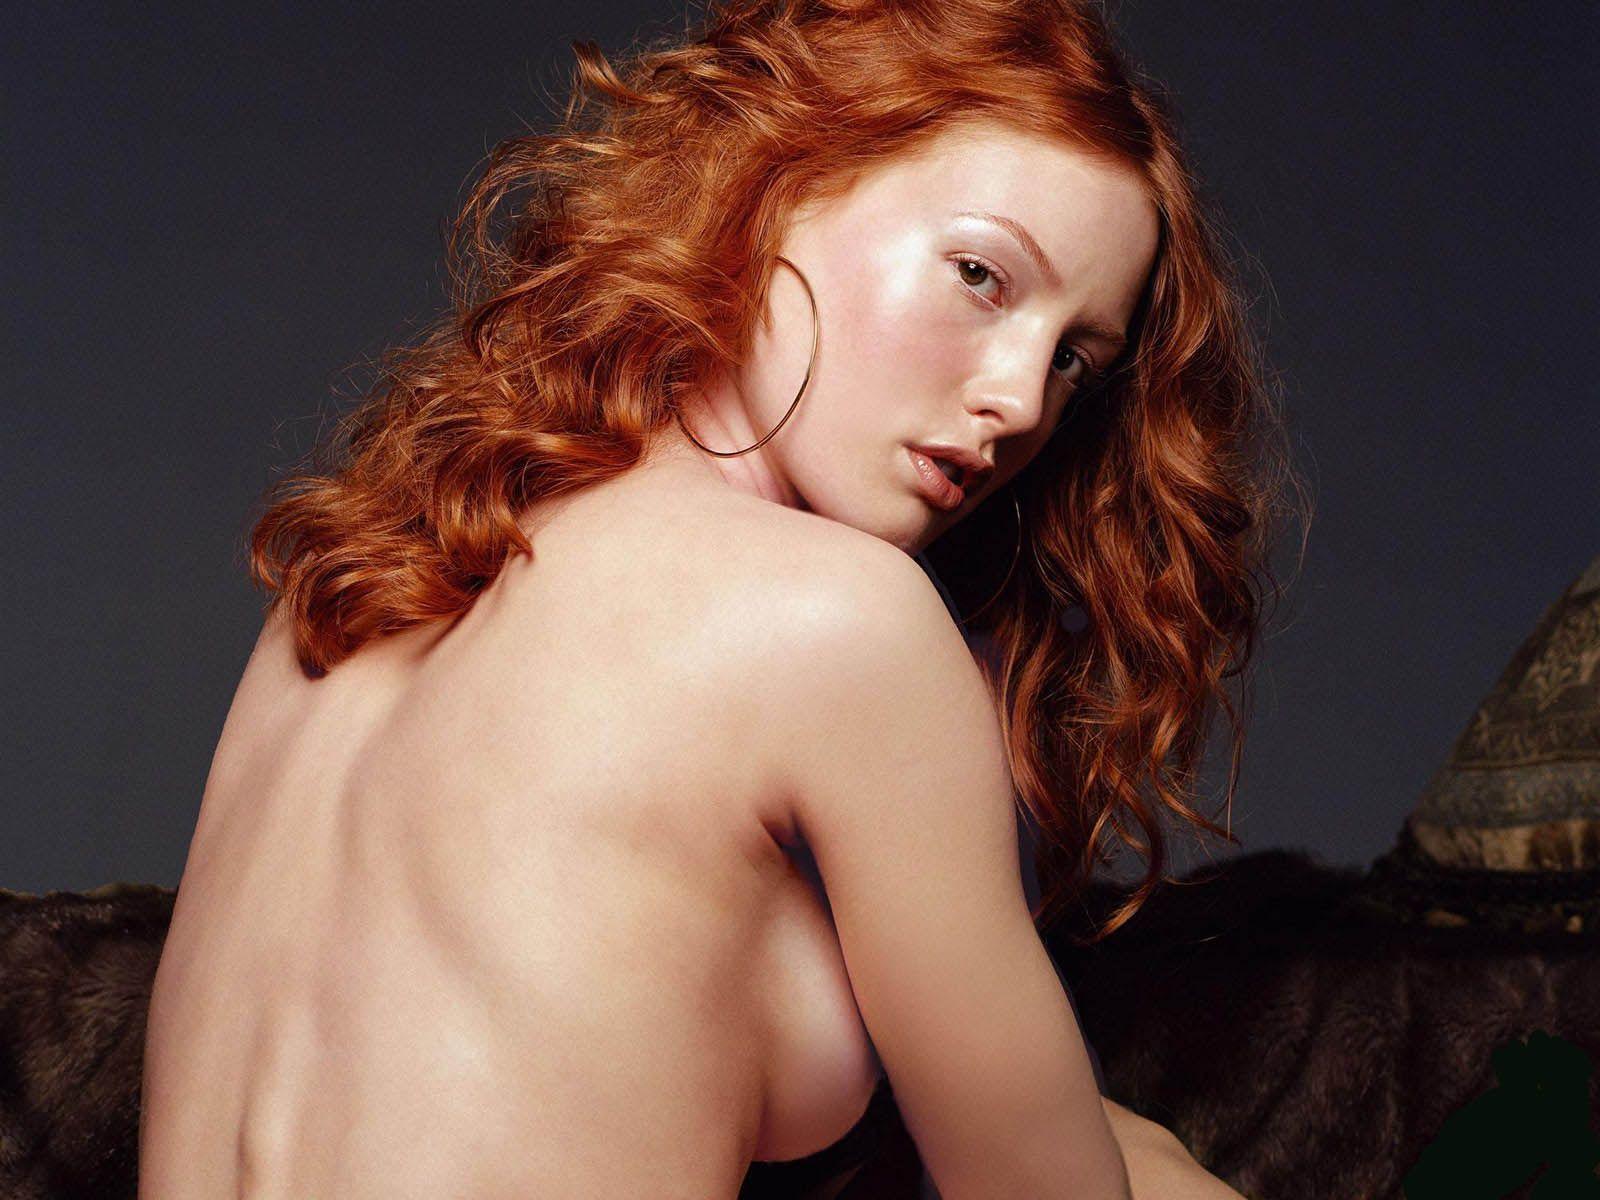 red-heads-like-alicia-witt-naked